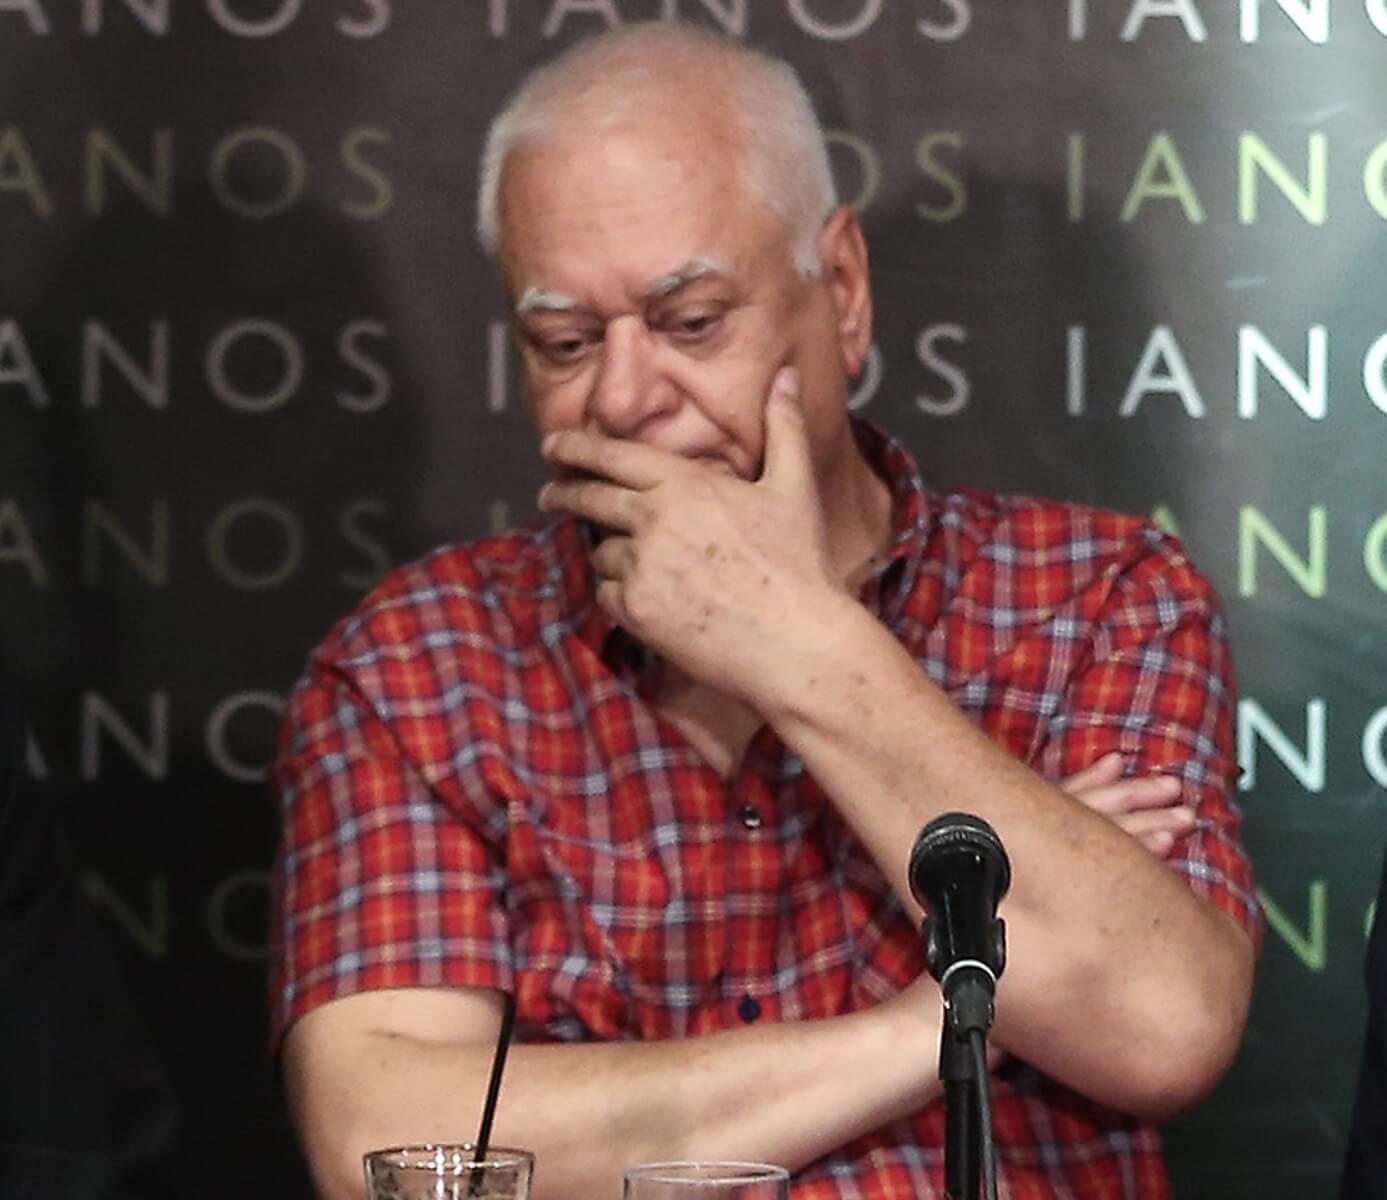 Καρτερός σε Μαρινάκη: Η ΝΔ θα γίνει γιουσουφάκι και όλοι ξέρουν με ποιον πασά